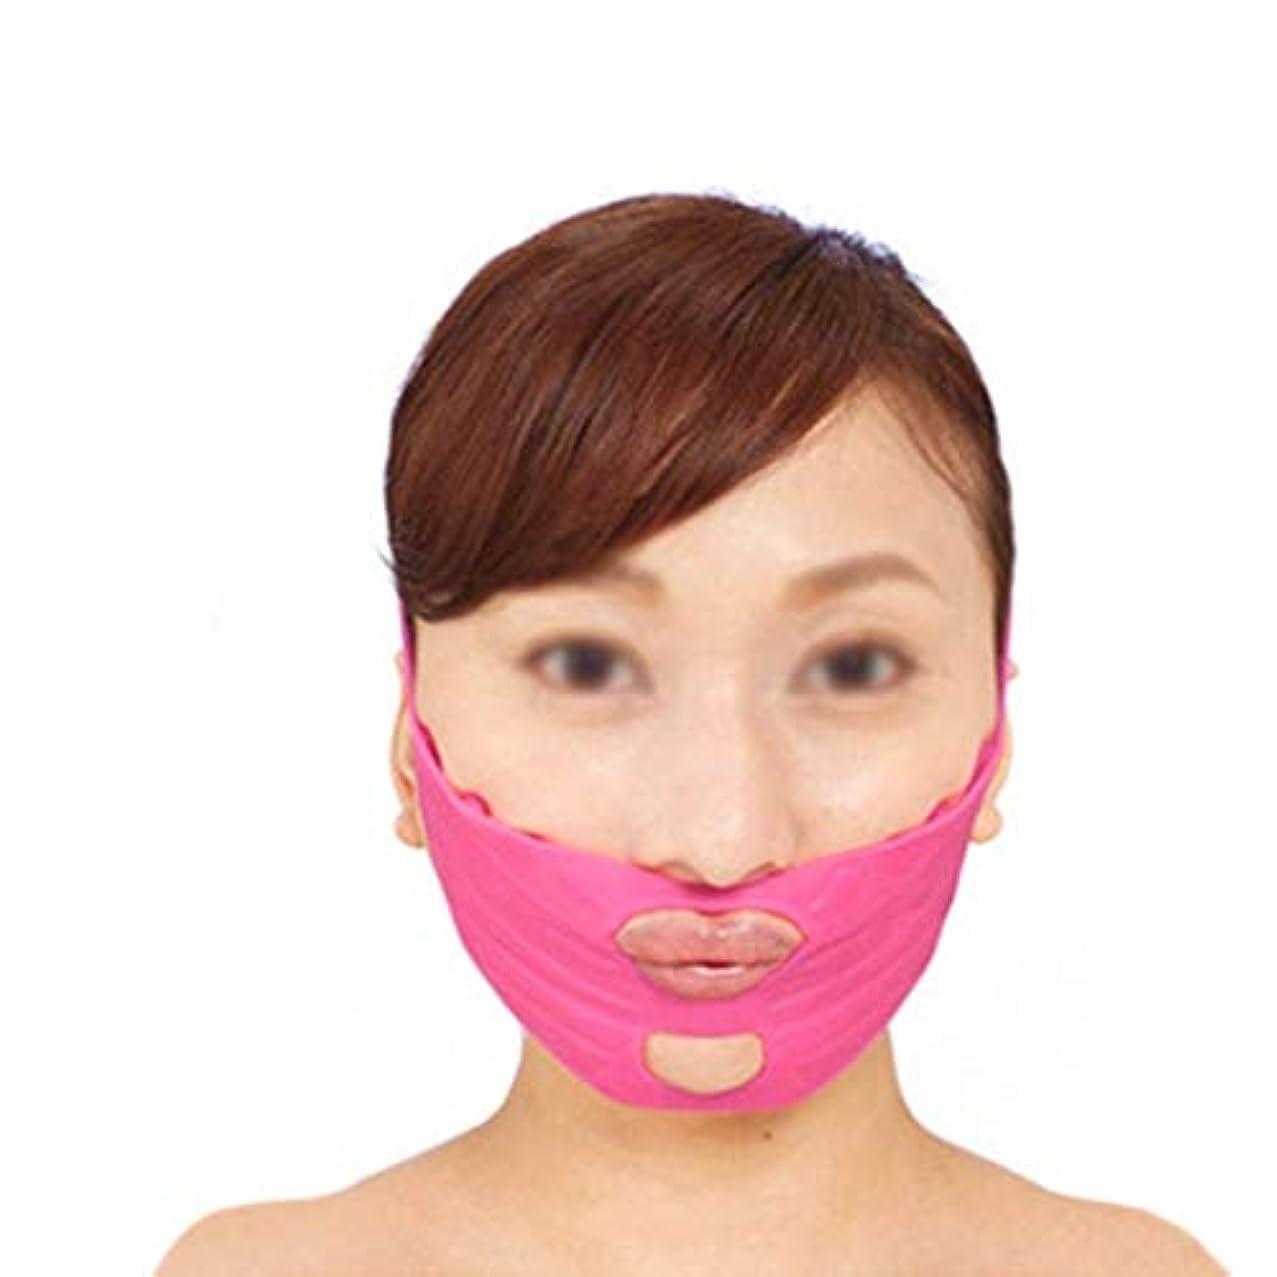 ブロッサム強調進捗フェイスストラップ付きマスク、プルアップフェイスマスク、フェイスリフティングマスク、フェイスタイトニングバンデージ、フェイシャルリフティングバンデージ、ダブルチンを減らすためのリフティングフェイスバンド(ピンク、ワンサイズ)